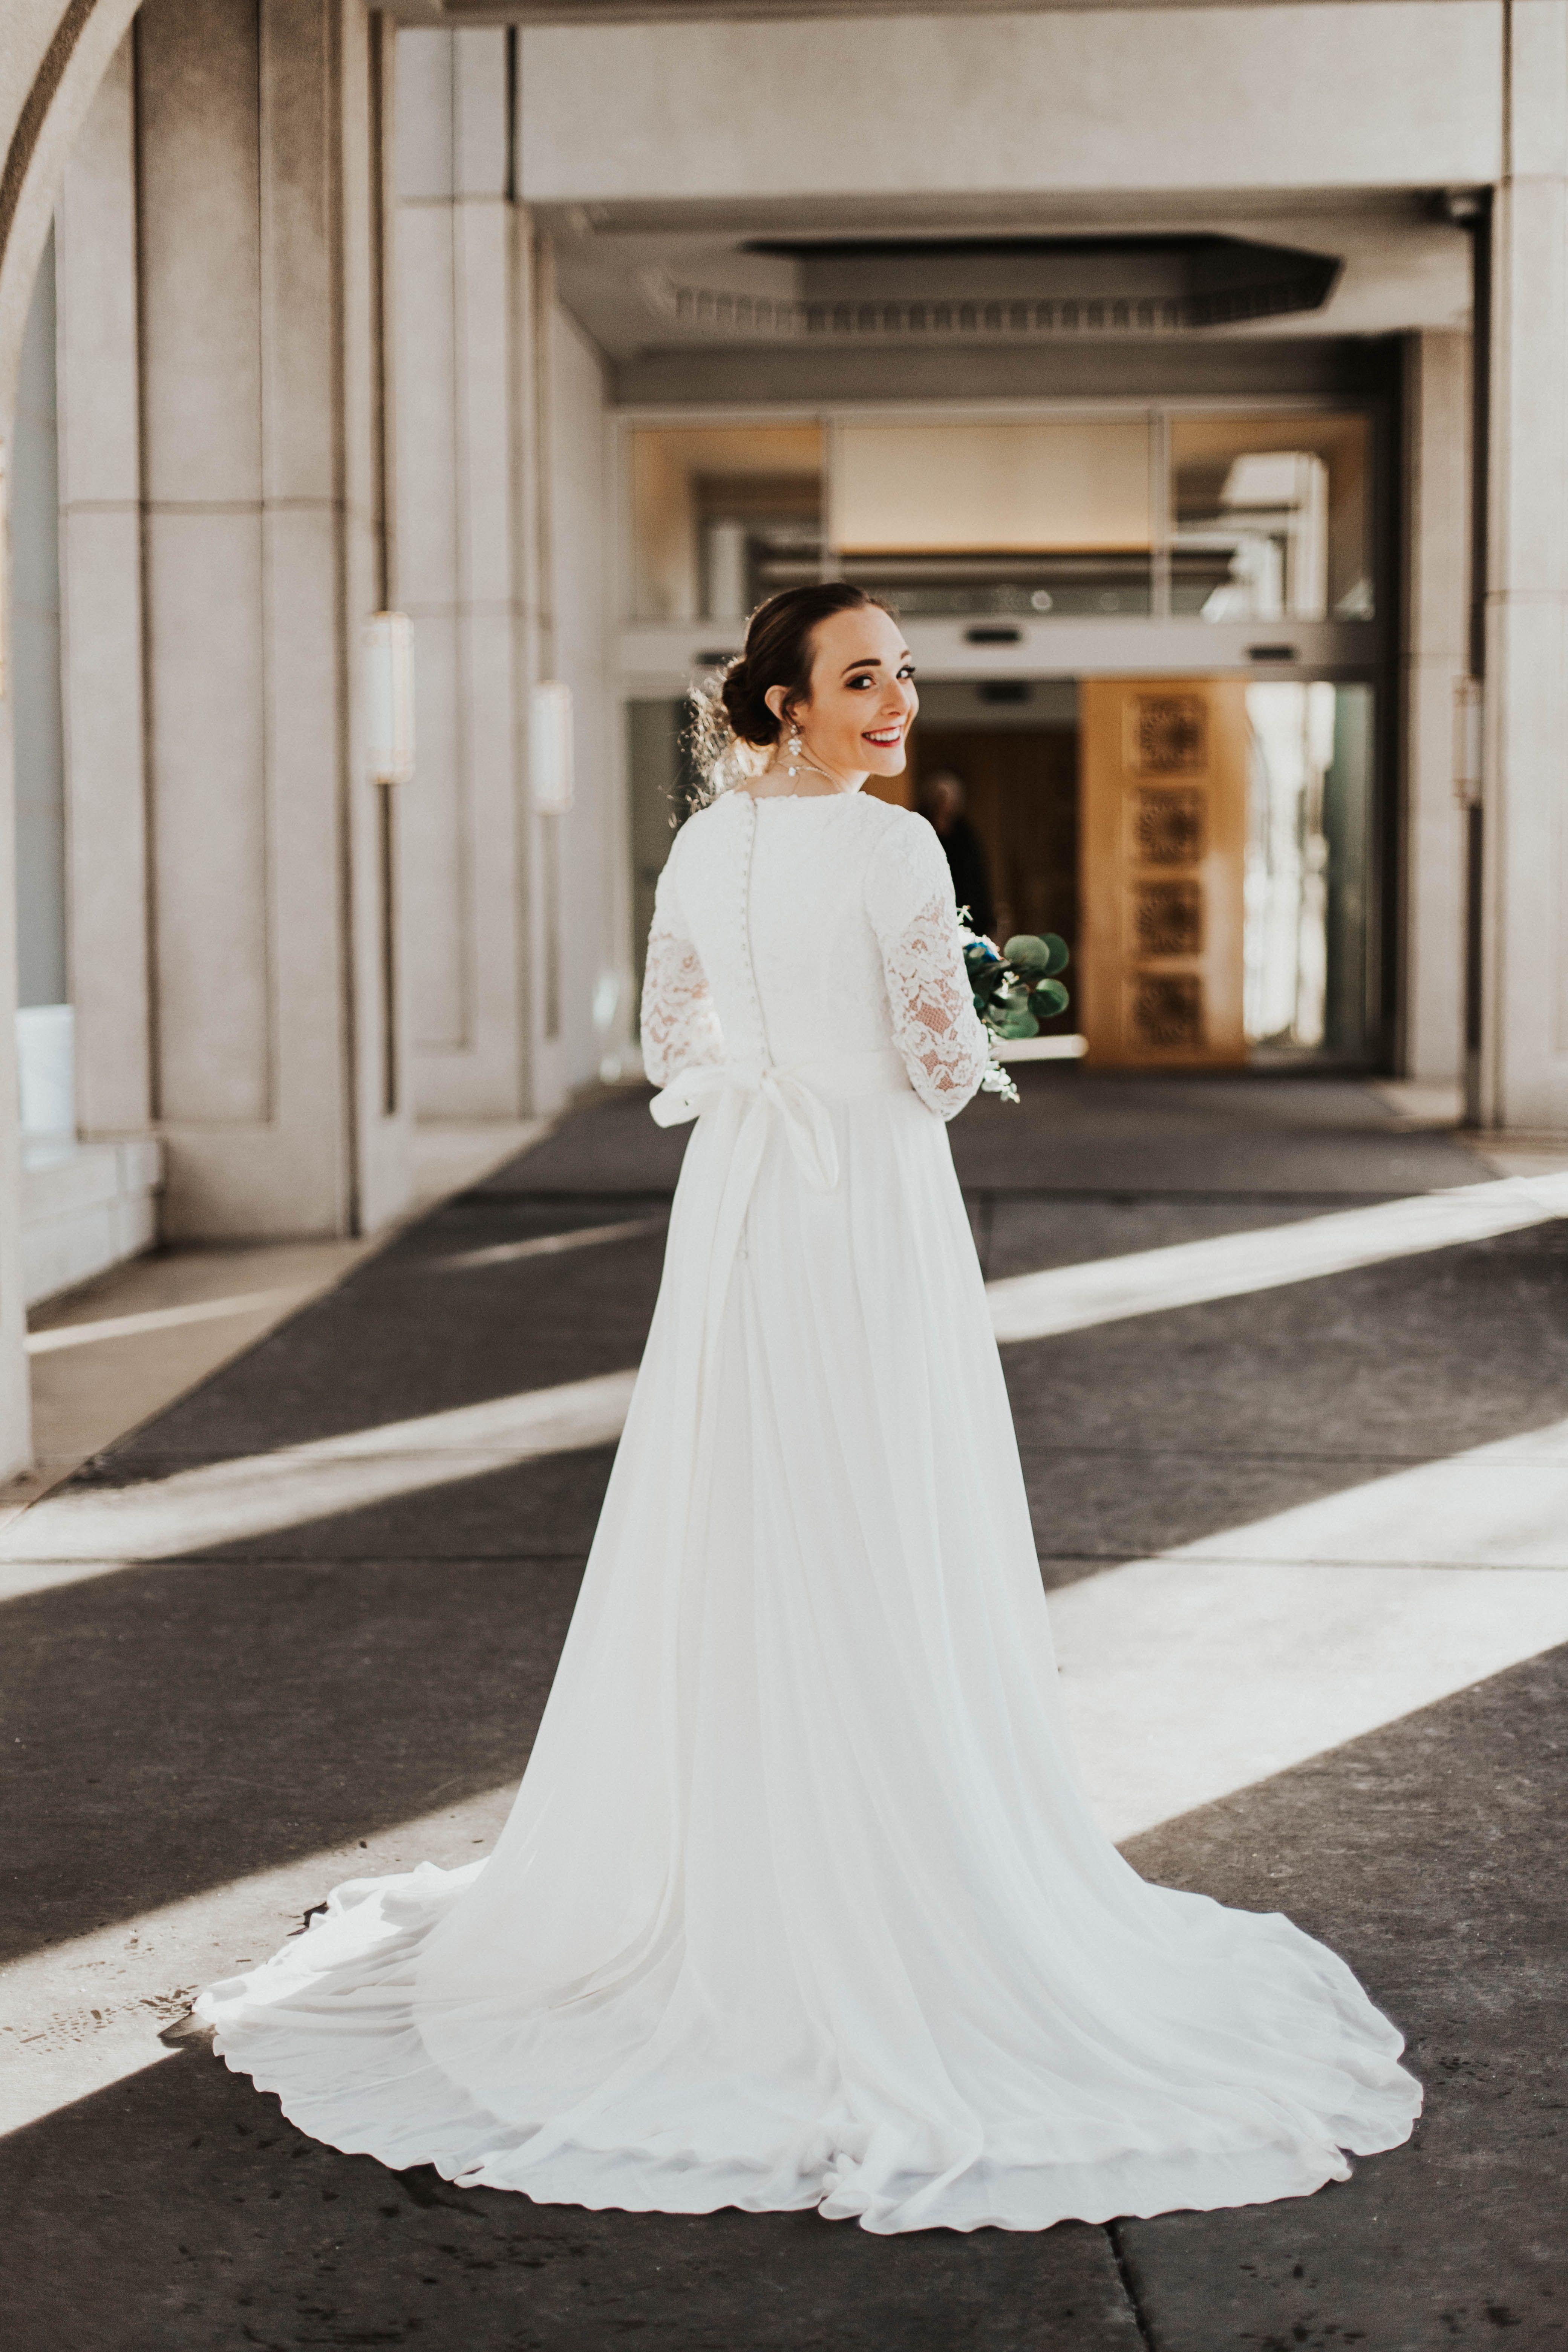 Haven Modest Wedding Dresses Simple Lace Wedding Dress Wedding Dress Sleeves [ 6240 x 4160 Pixel ]